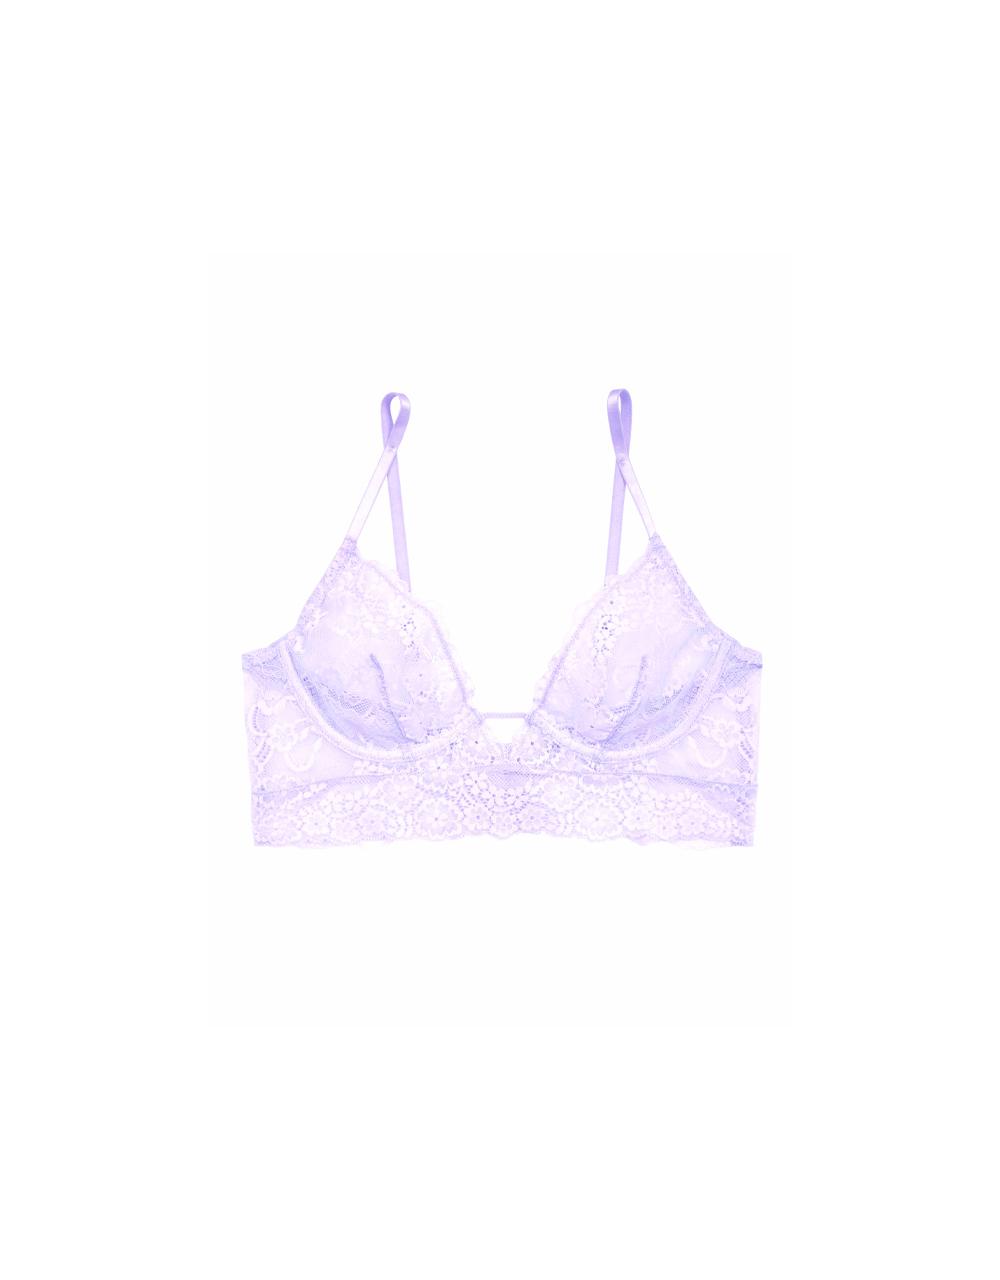 lingerie soutien-gorge avec armatures just lilas Birdie Just Lilas 39 € Girls In Paris photo 5